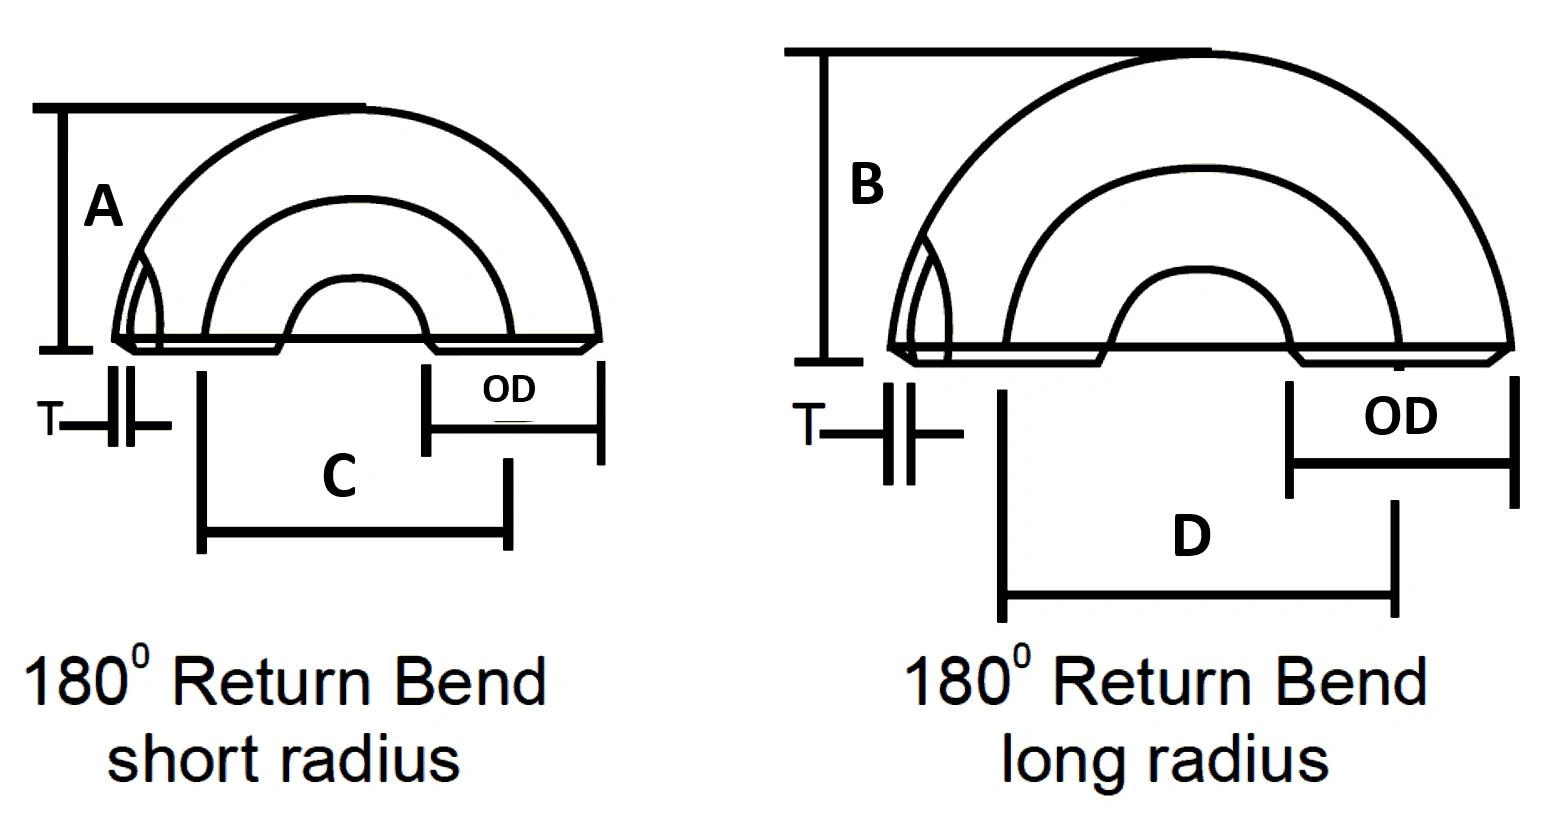 Pipe Bends Amp Return Dimensions In Mm Long Amp Short Radius